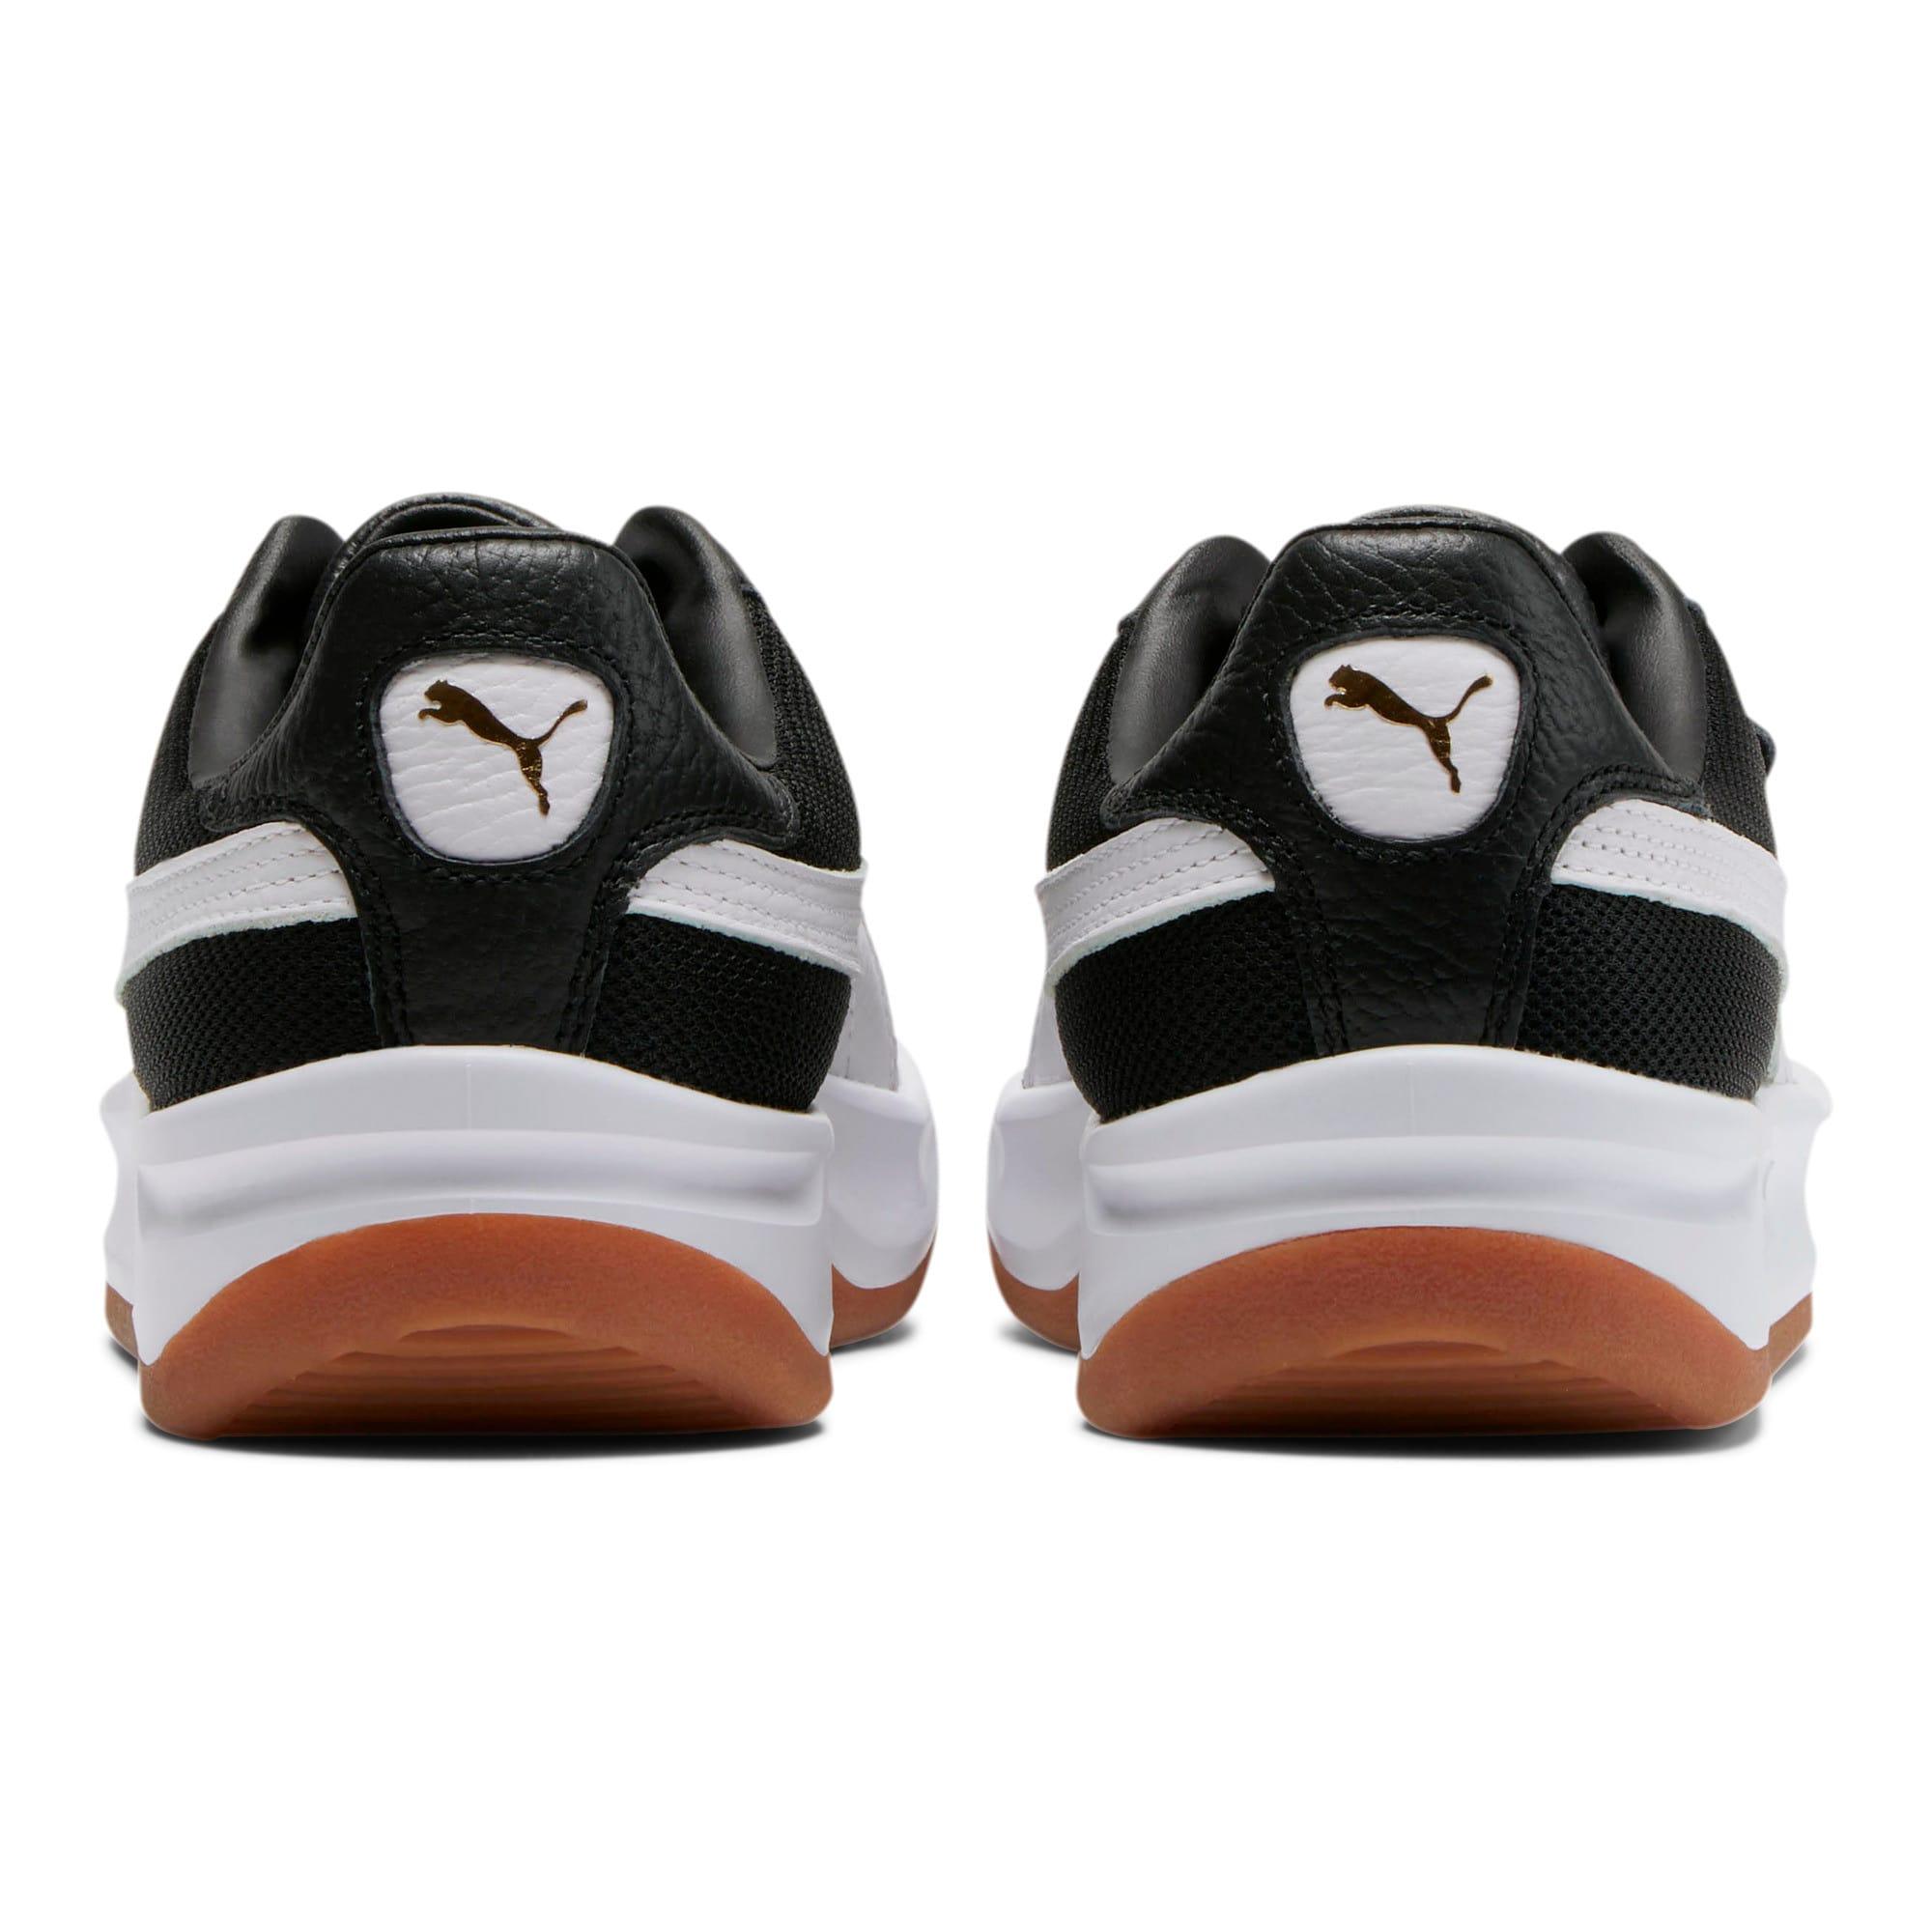 Miniatura 4 de Zapatos deportivosCalifornia Casual, Puma Black-Puma White, mediano